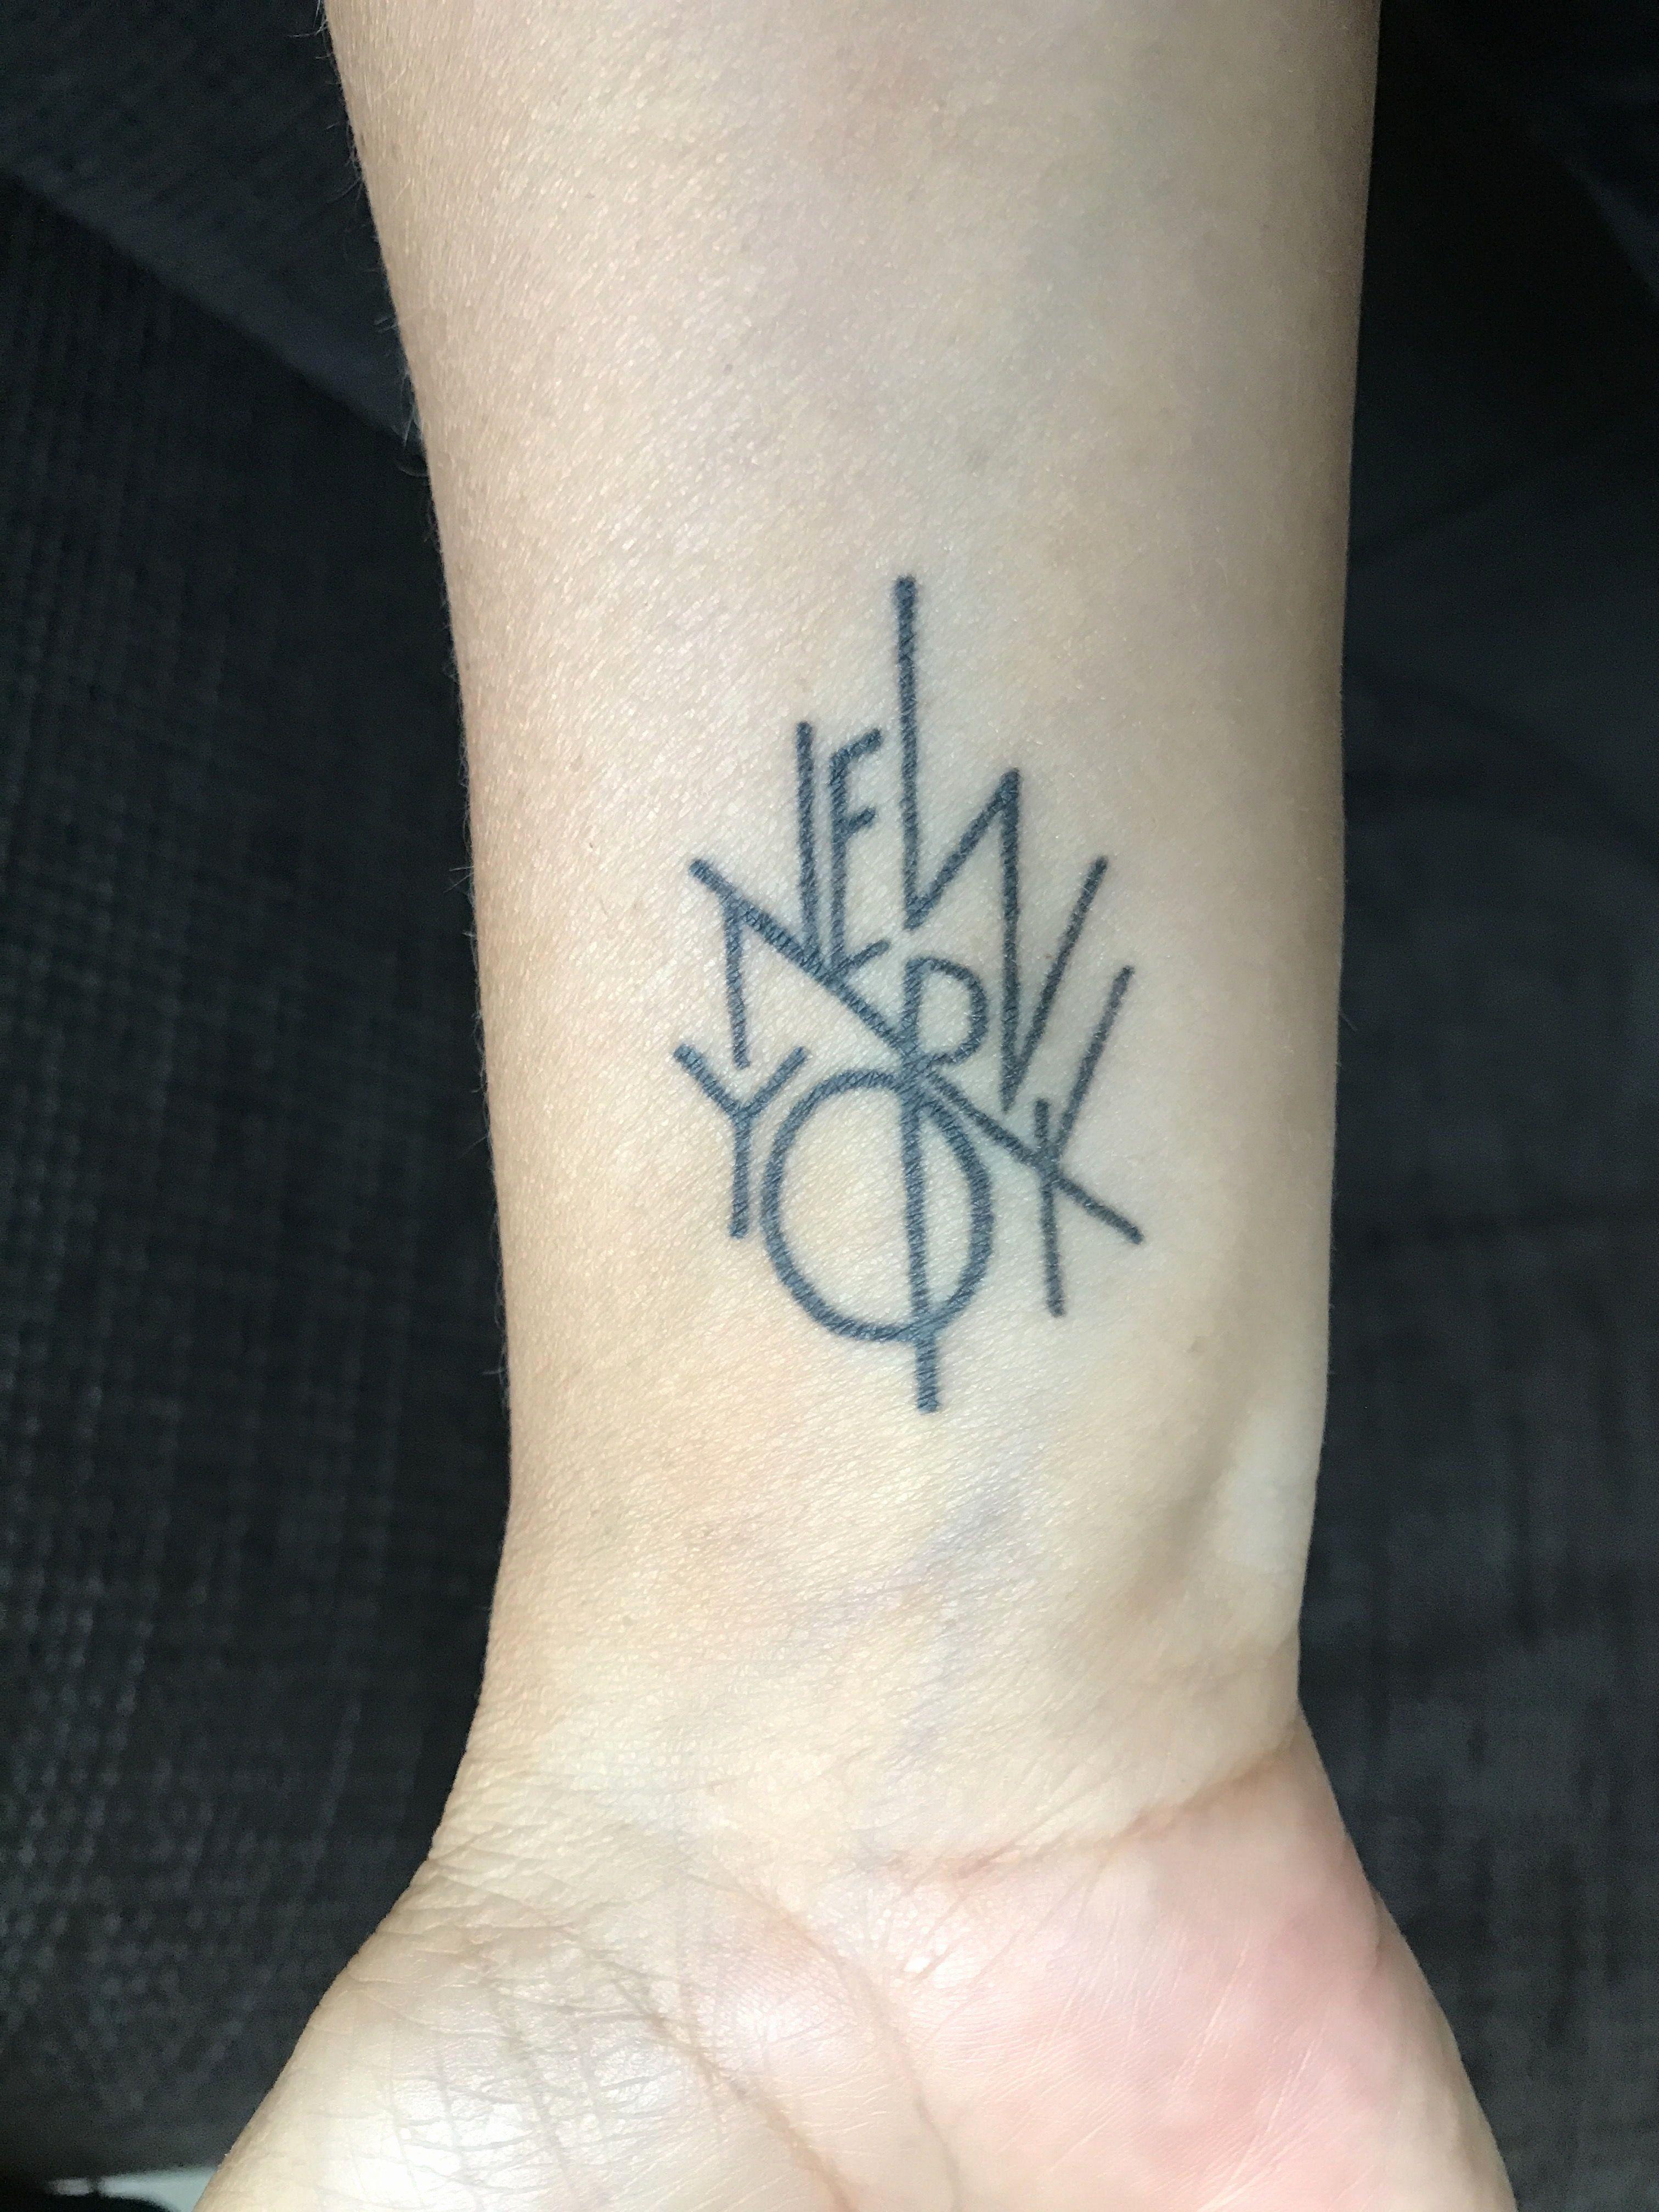 Line Tattoo Designs In 2020 Tattoos New York Tattoo Nyc Tattoo